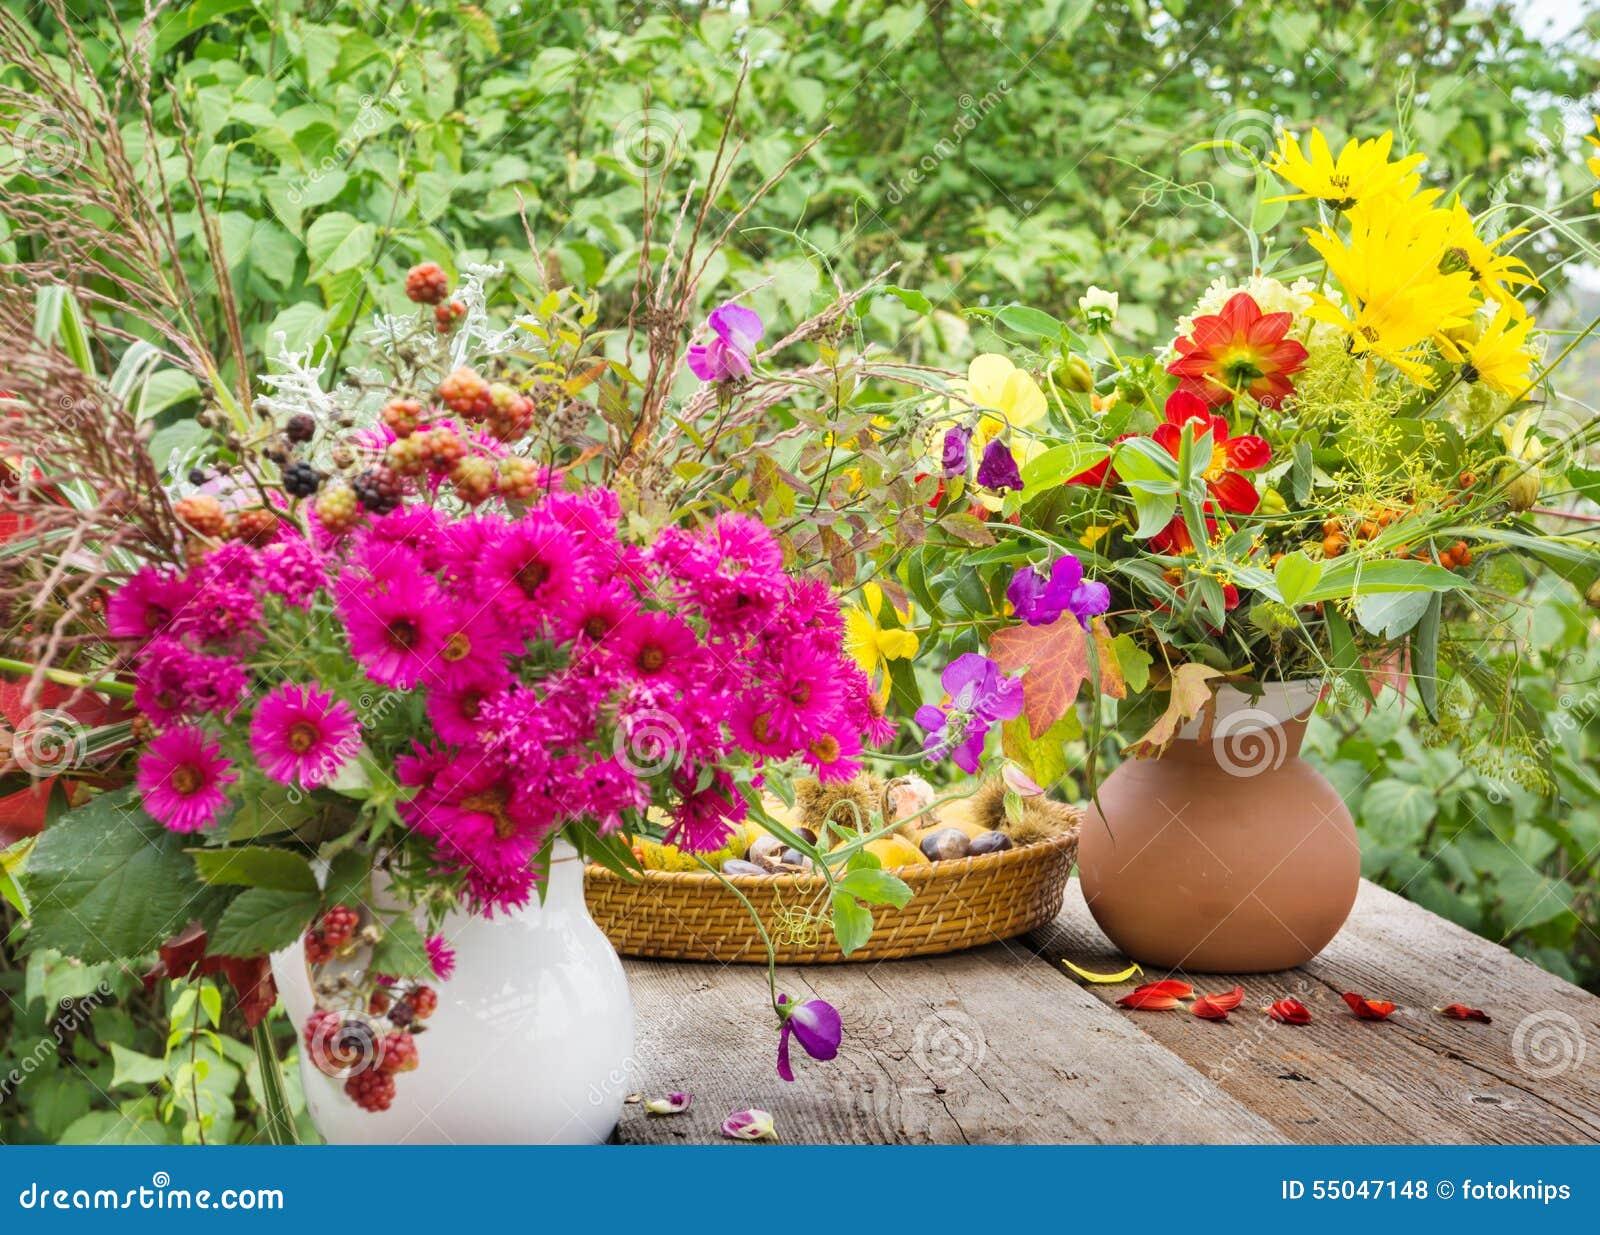 herbstblumen auf der terrasse stockfoto bild 55047148. Black Bedroom Furniture Sets. Home Design Ideas